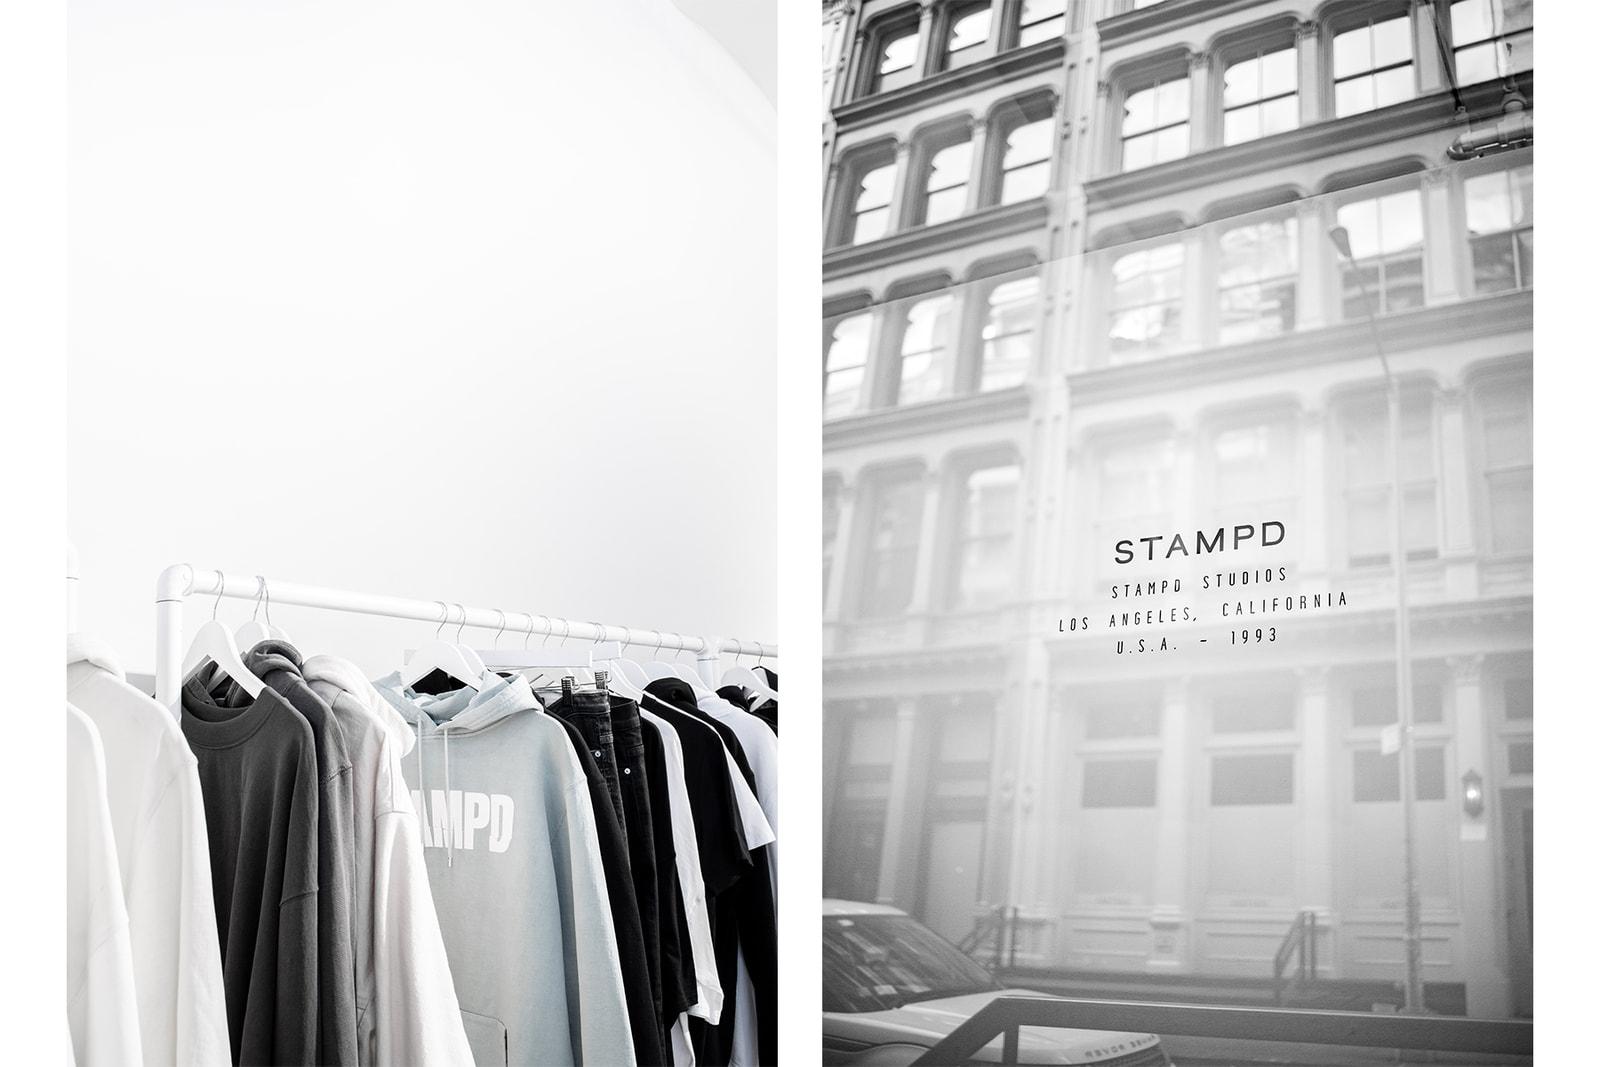 クリス・スタンプ スタンプド デザイナー Stampd Chris Stamp 誰 IKEA イケア コラボレーション オンライン